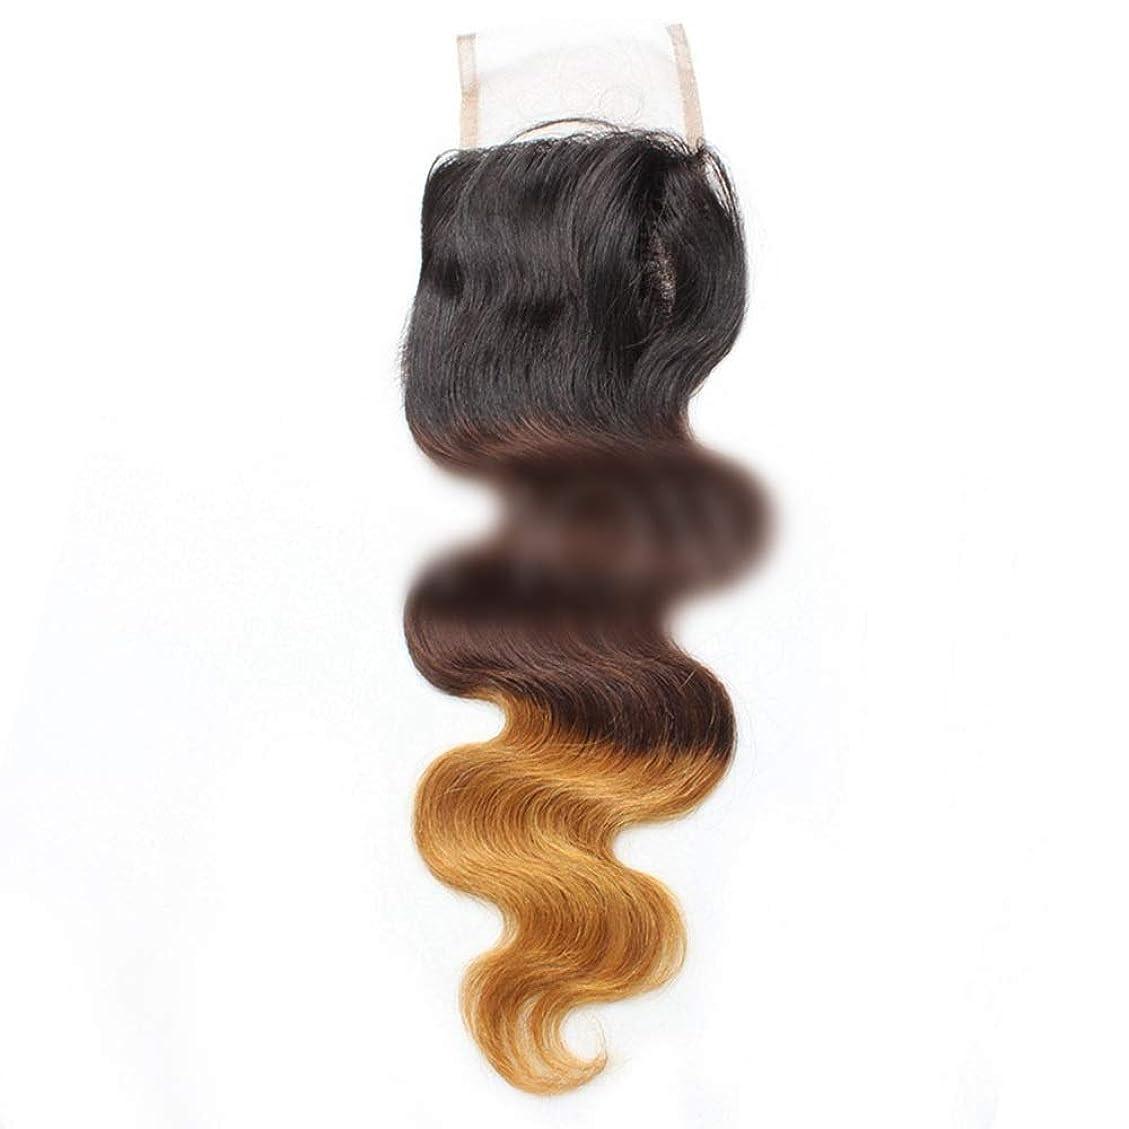 革新カッターきれいにYESONEEP 9aバージンブラジル人間の髪の毛自由な部分実体波4 * 4レース閉鎖 - 1B / 4/27#3トーン色ロールプレイングかつら女性のかつら (色 : ブラウン, サイズ : 12 inch)